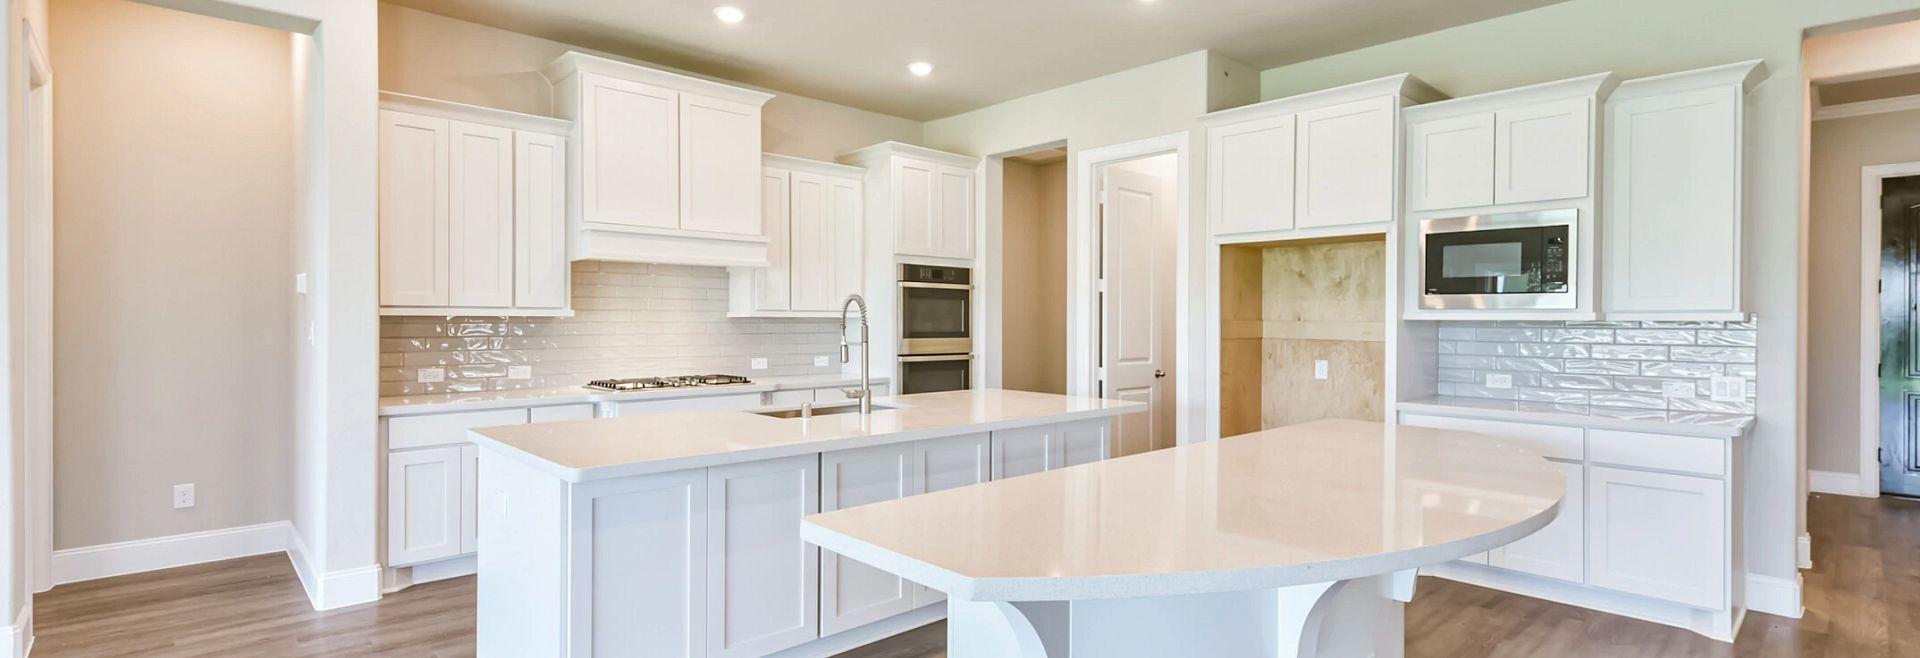 Plan 5050 Kitchen